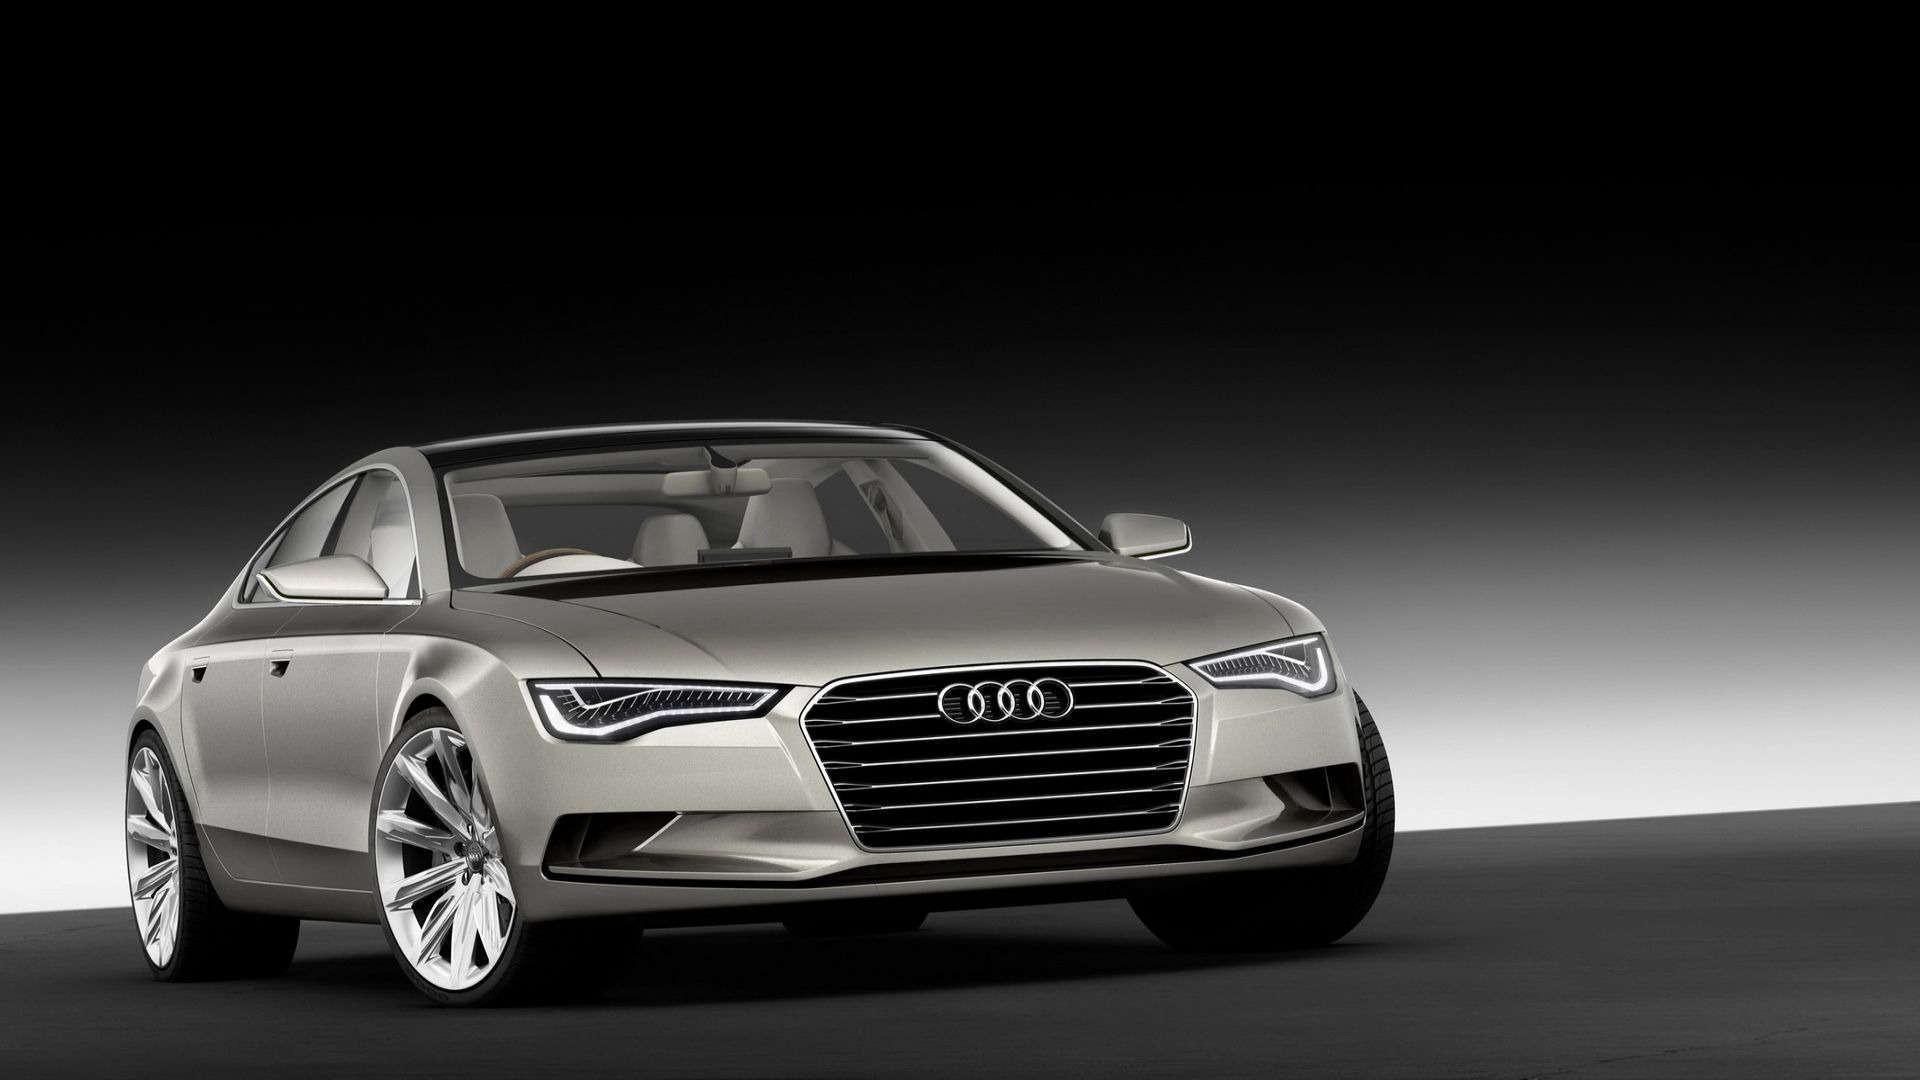 [46+] Audi HD Wallpapers 1080p on WallpaperSafari